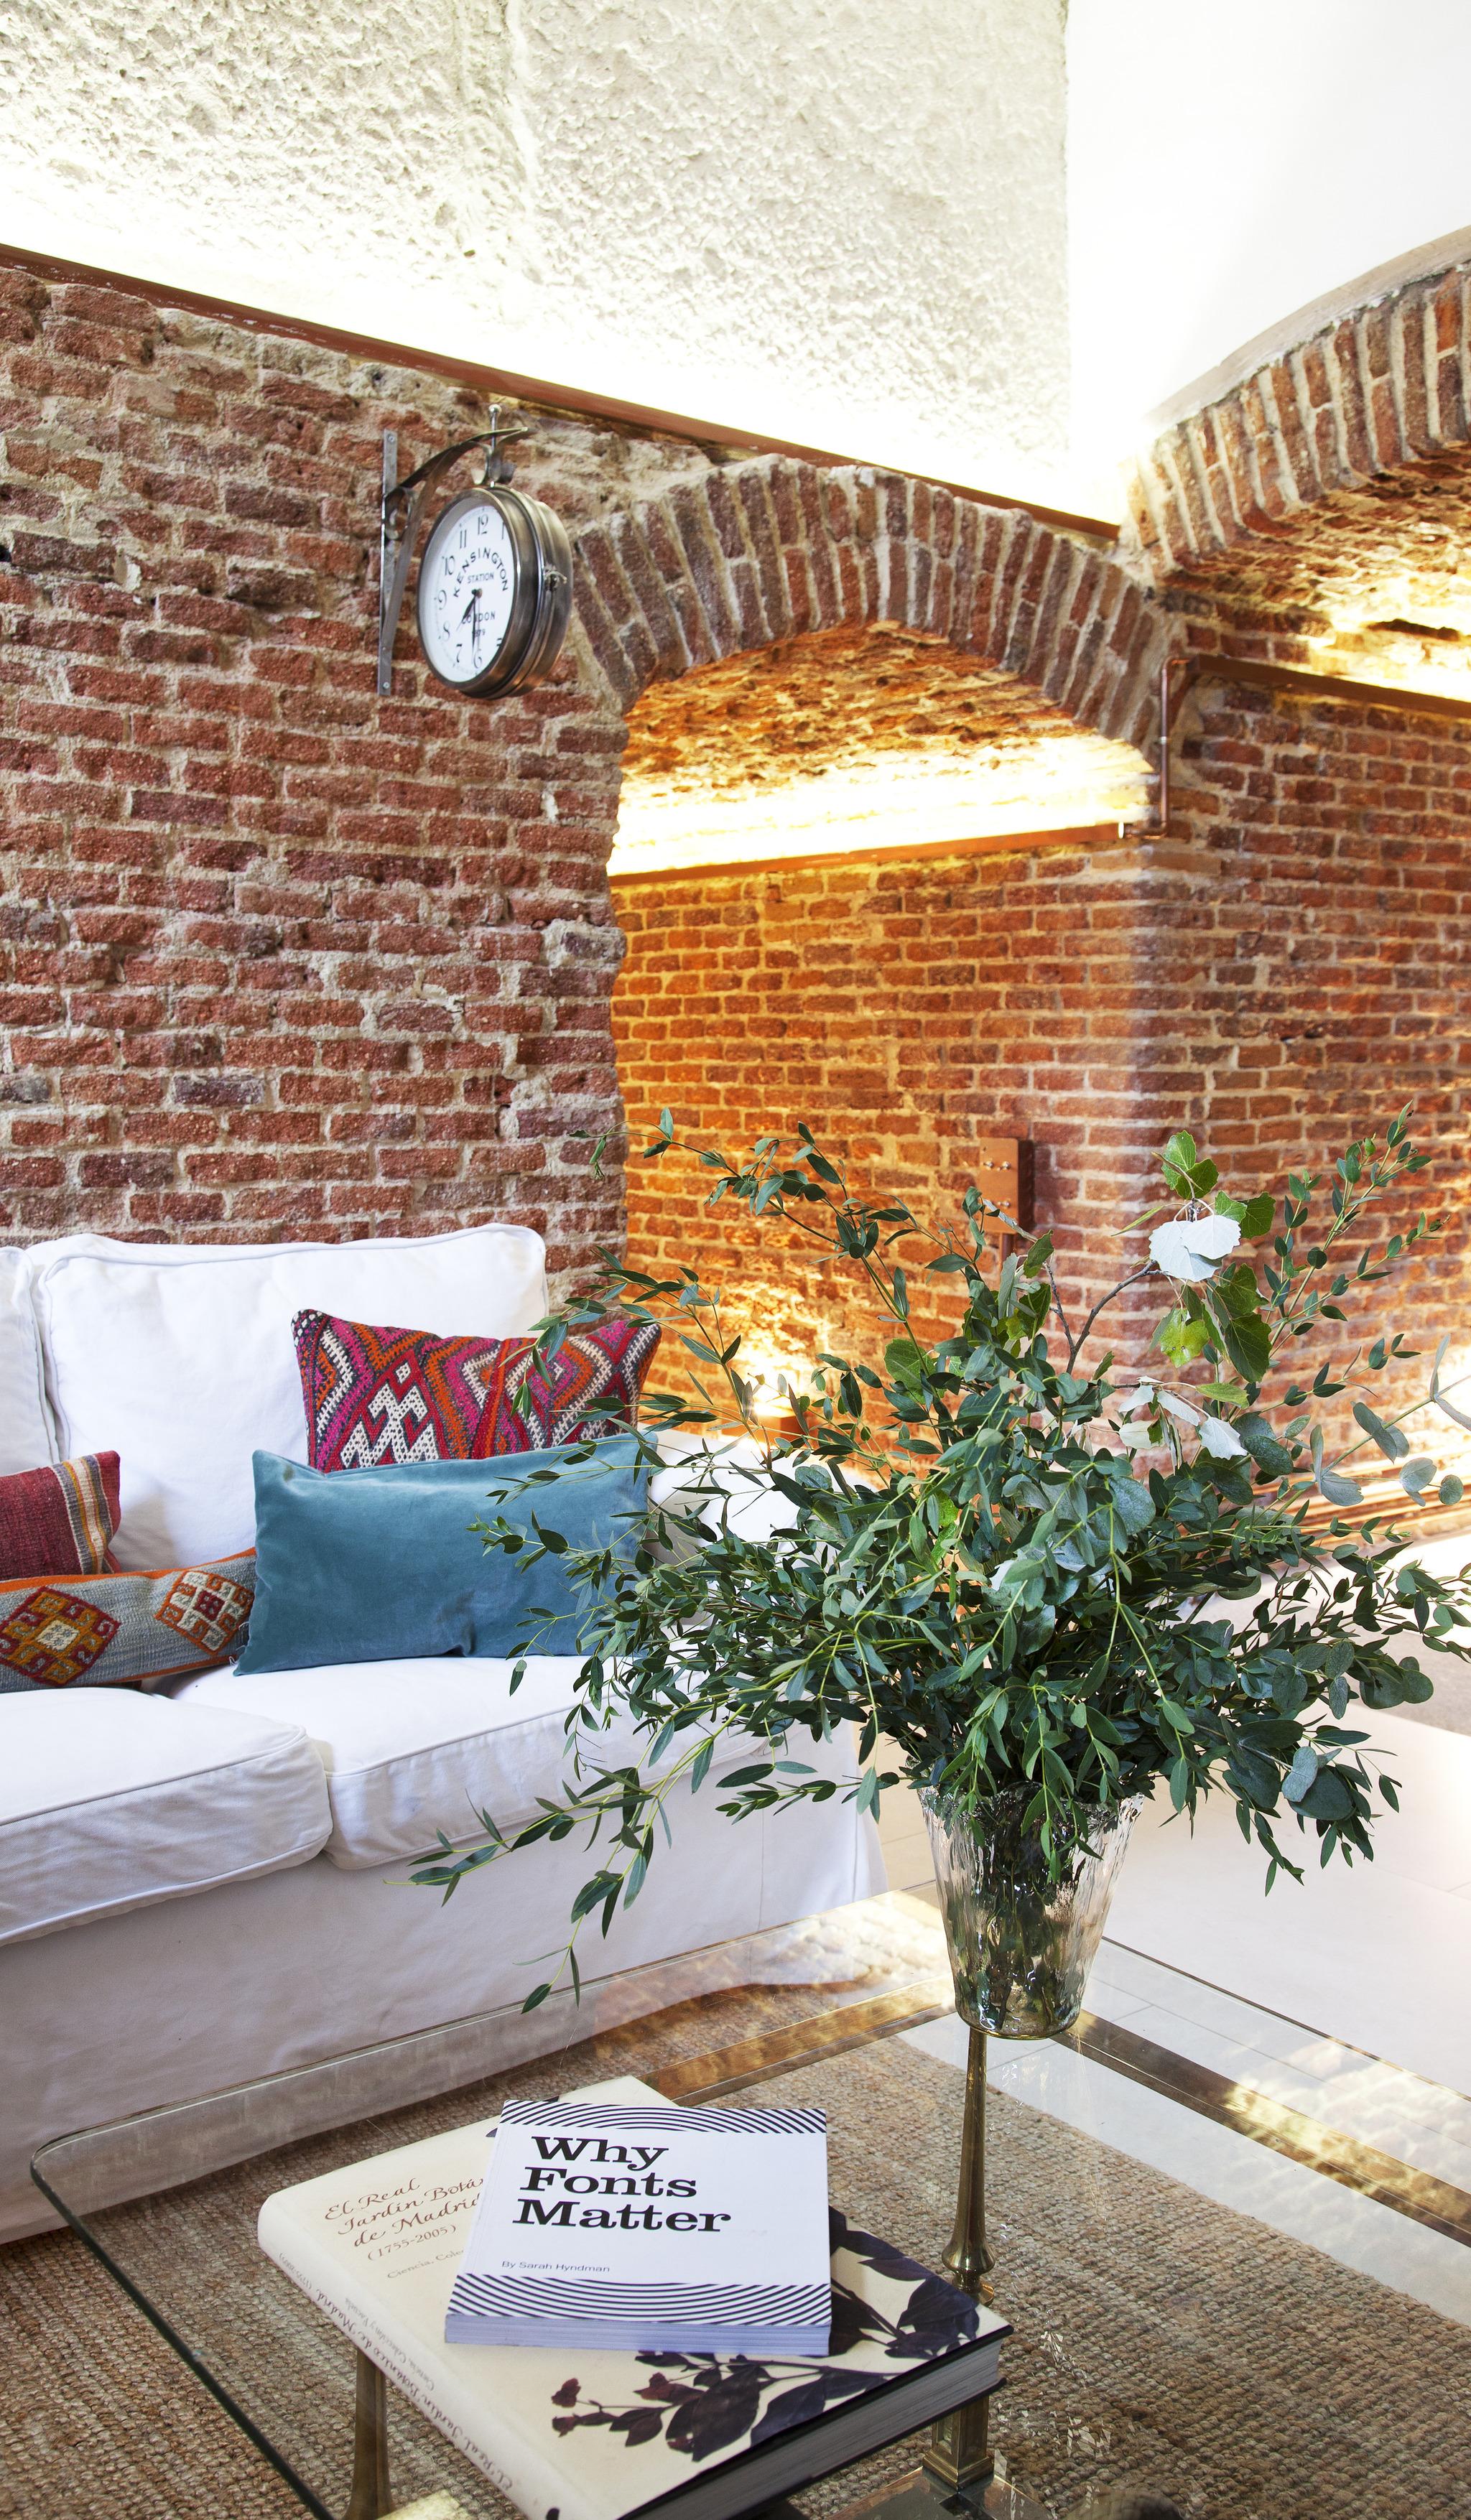 En el salón, sofá de Ikea, almohadones marroquíes y flores de Be Water.